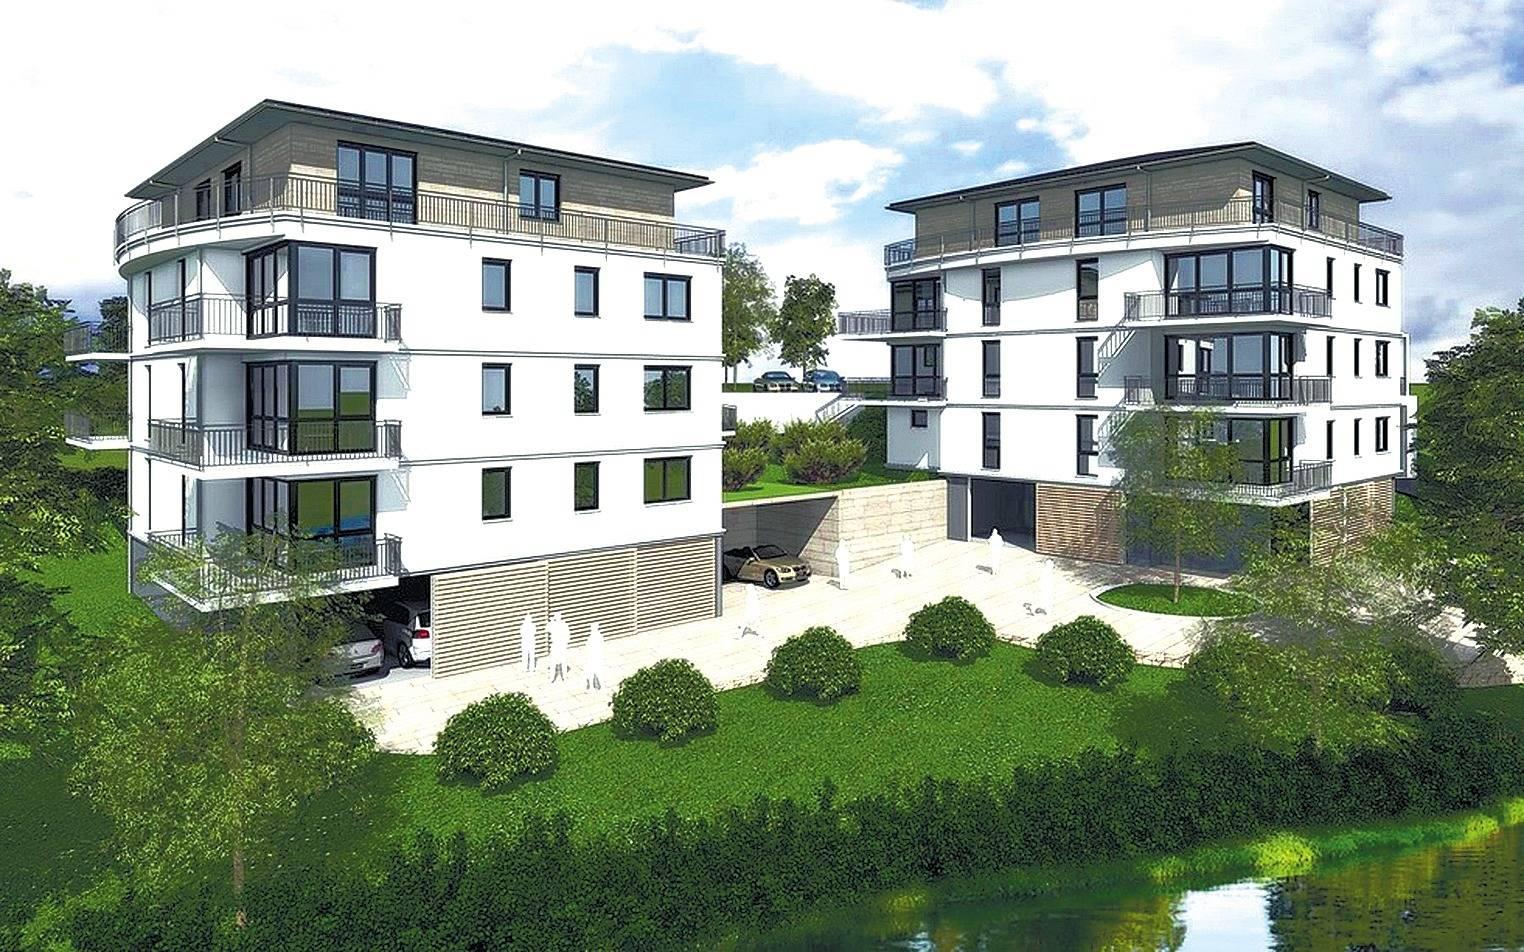 Neckargem nd zur stadt geh rt auch moderne architektur - Moderne architektur ...